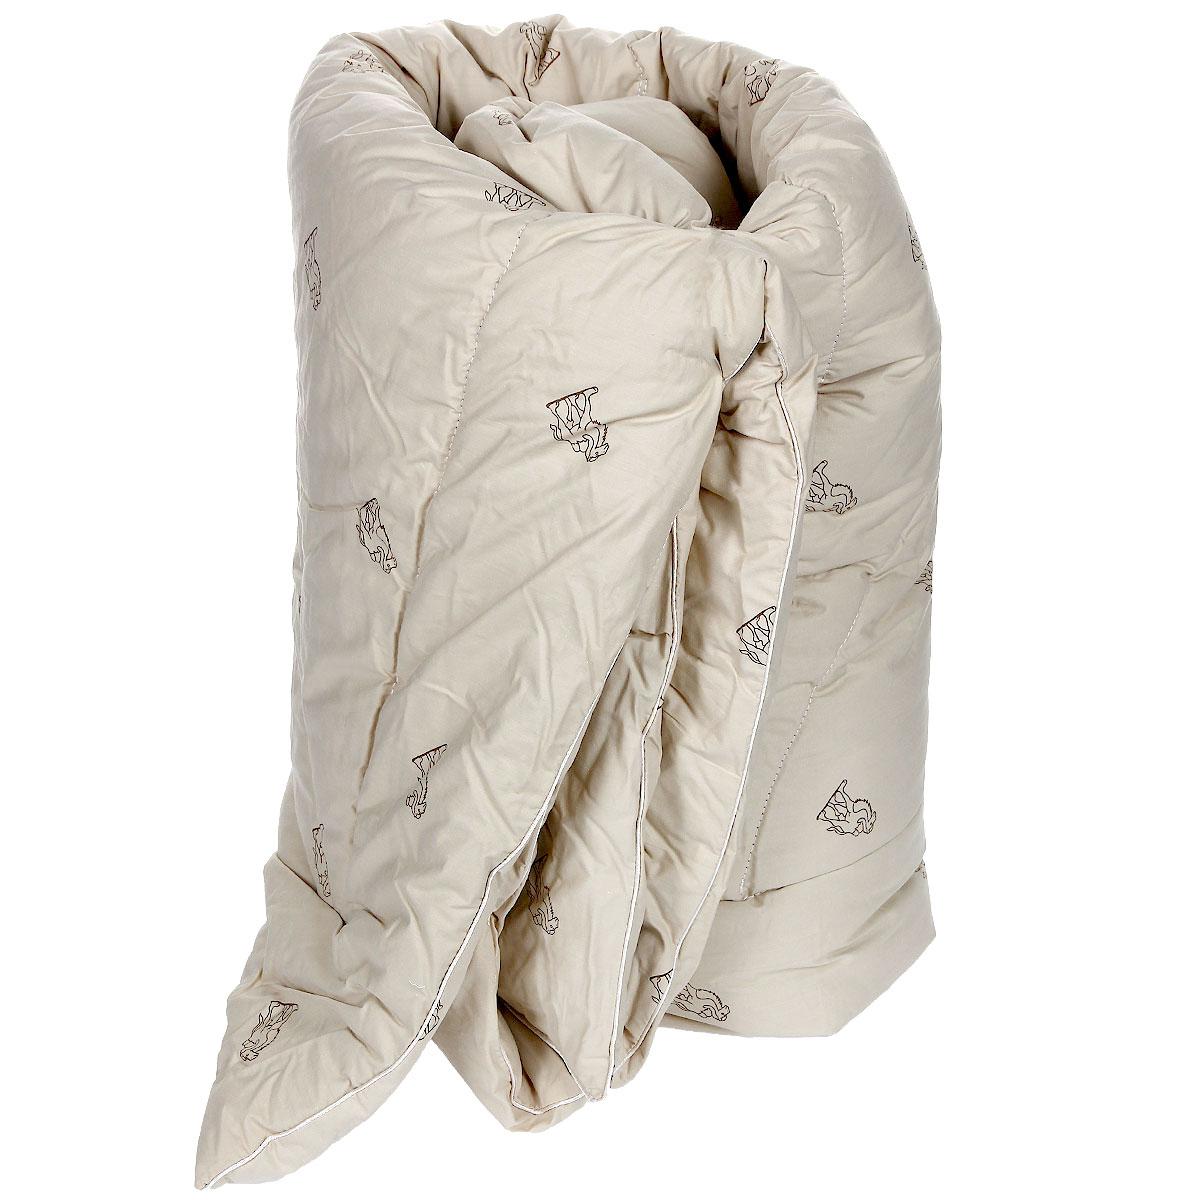 Одеяло теплое OL-Tex Верблюжья шерсть, наполнитель: верблюжья шерсть, 140 см х 205 смОВТ-15-4Чехол теплого одеяла OL-Tex Верблюжья шерсть выполнен из высококачественного плотного материала тик (100% хлопок) сливочного цвета с рисунком в виде верблюдов по всей поверхности. Наполнитель - верблюжья шерсть с полиэстером. Одеяло простегано - значит, наполнитель внутри будет всегда распределен равномерно. Особенности наполнителя: - исключительные терморегулирующие свойства; - высокое качество прочеса и промывки шерсти; - великолепные ощущения комфорта и уюта. Верблюжья шерсть - обладает целебными качествами, содержит наиболее высокий процент ланолина (животного воска), благоприятно воздействующего на организм по целому ряду показателей: оказывает благотворное действие на мышцы, суставы, позвоночник, нормализует кровообращение, имеет профилактический эффект при заболевания опорно-двигательного аппарата. Кроме того, верблюжья шерсть антистатична. Это одеяло для тех, кто любит потеплее укутаться. Прекрасное, очень теплое одеяло с эксклюзивной...